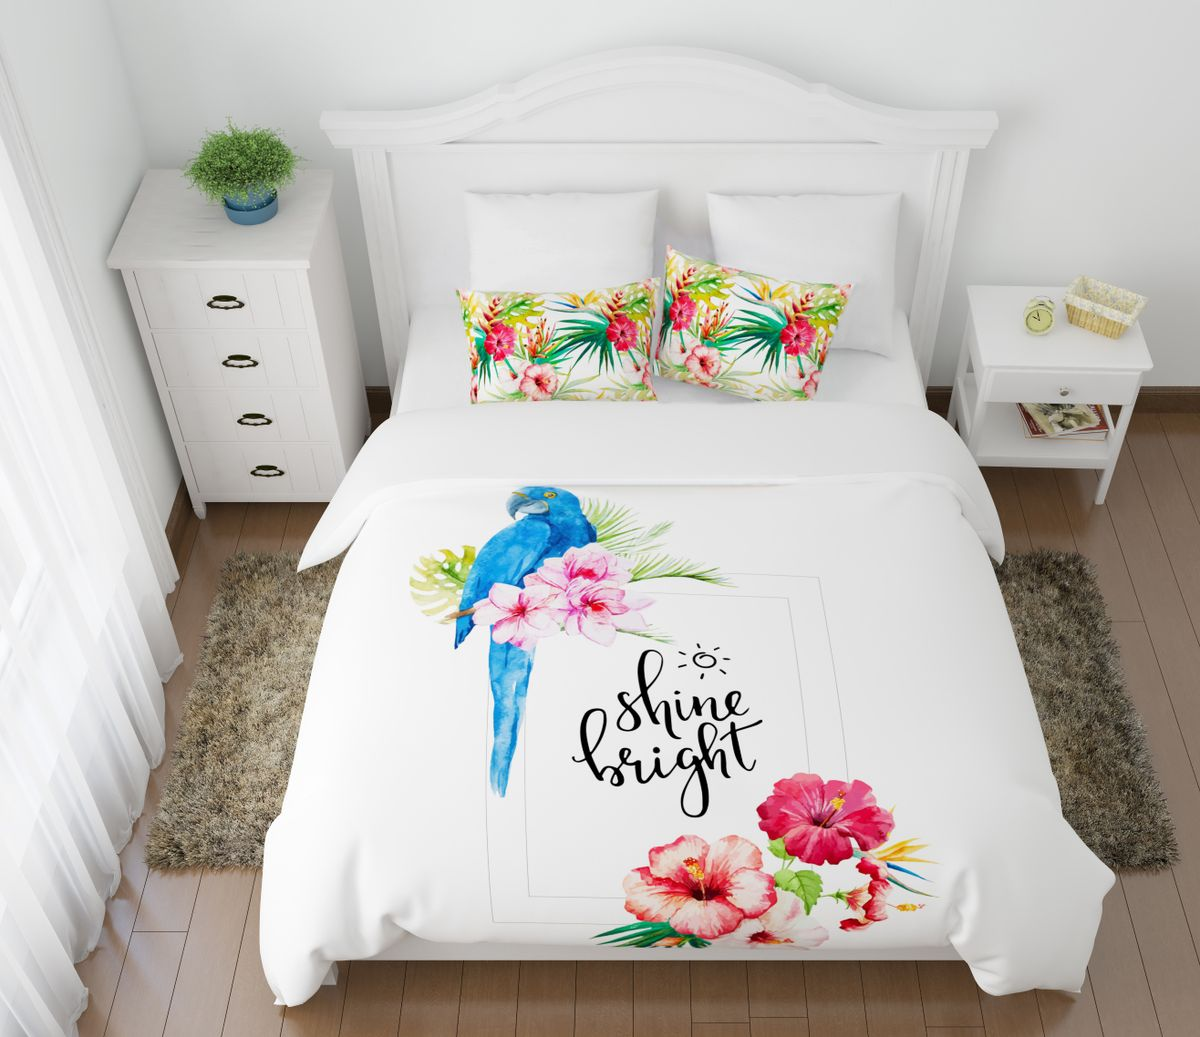 Комплект белья Сирень Голубой попугай, 2-спальный, наволочки 50х7008665-КПБ2-МКомплект постельного белья Сирень выполнен из прочной и мягкой ткани. Четкий и стильный рисунок в сочетании с насыщенными красками делают комплект постельного белья неповторимой изюминкой любого интерьера.Постельное белье идеально подойдет для подарка. Идеальное соотношение смешенной ткани и гипоаллергенных красок - это гарантия здорового, спокойного сна. Ткань хорошо впитывает влагу, надолго сохраняет яркость красок.В комплект входят: простынь, пододеяльник, две наволочки. Постельное белье легко стирать при 30-40°С, гладить при 150°С, не отбеливать. Рекомендуется перед первым использованием постирать.УВАЖАЕМЫЕ КЛИЕНТЫ! Обращаем ваше внимание, что цвет простыни, пододеяльника, наволочки в комплектации может немного отличаться от представленного на фото.